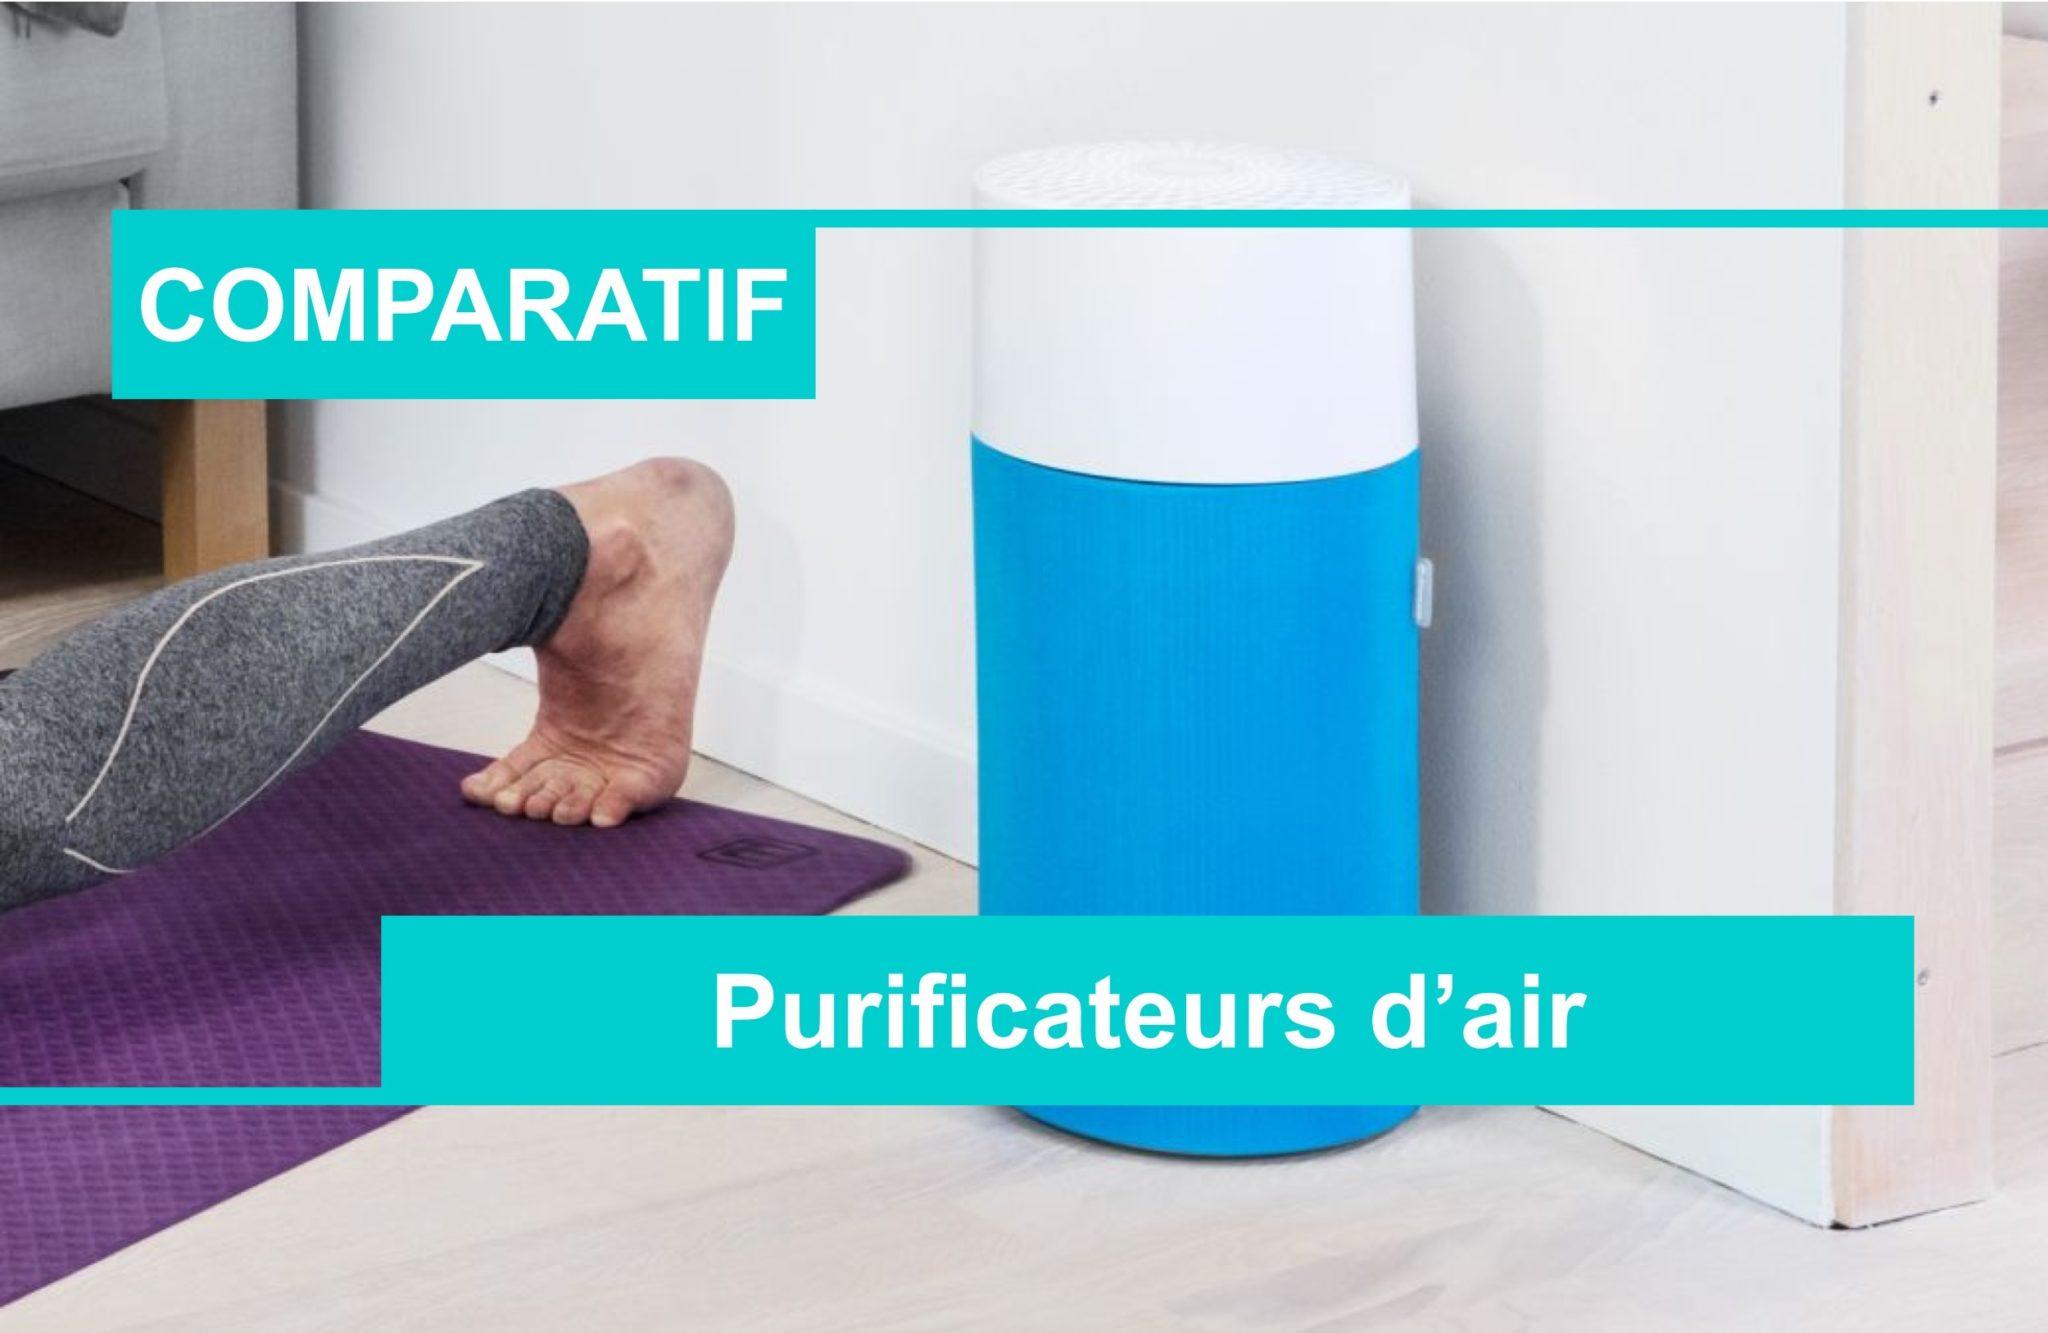 comparatif meilleur purificateur d'air